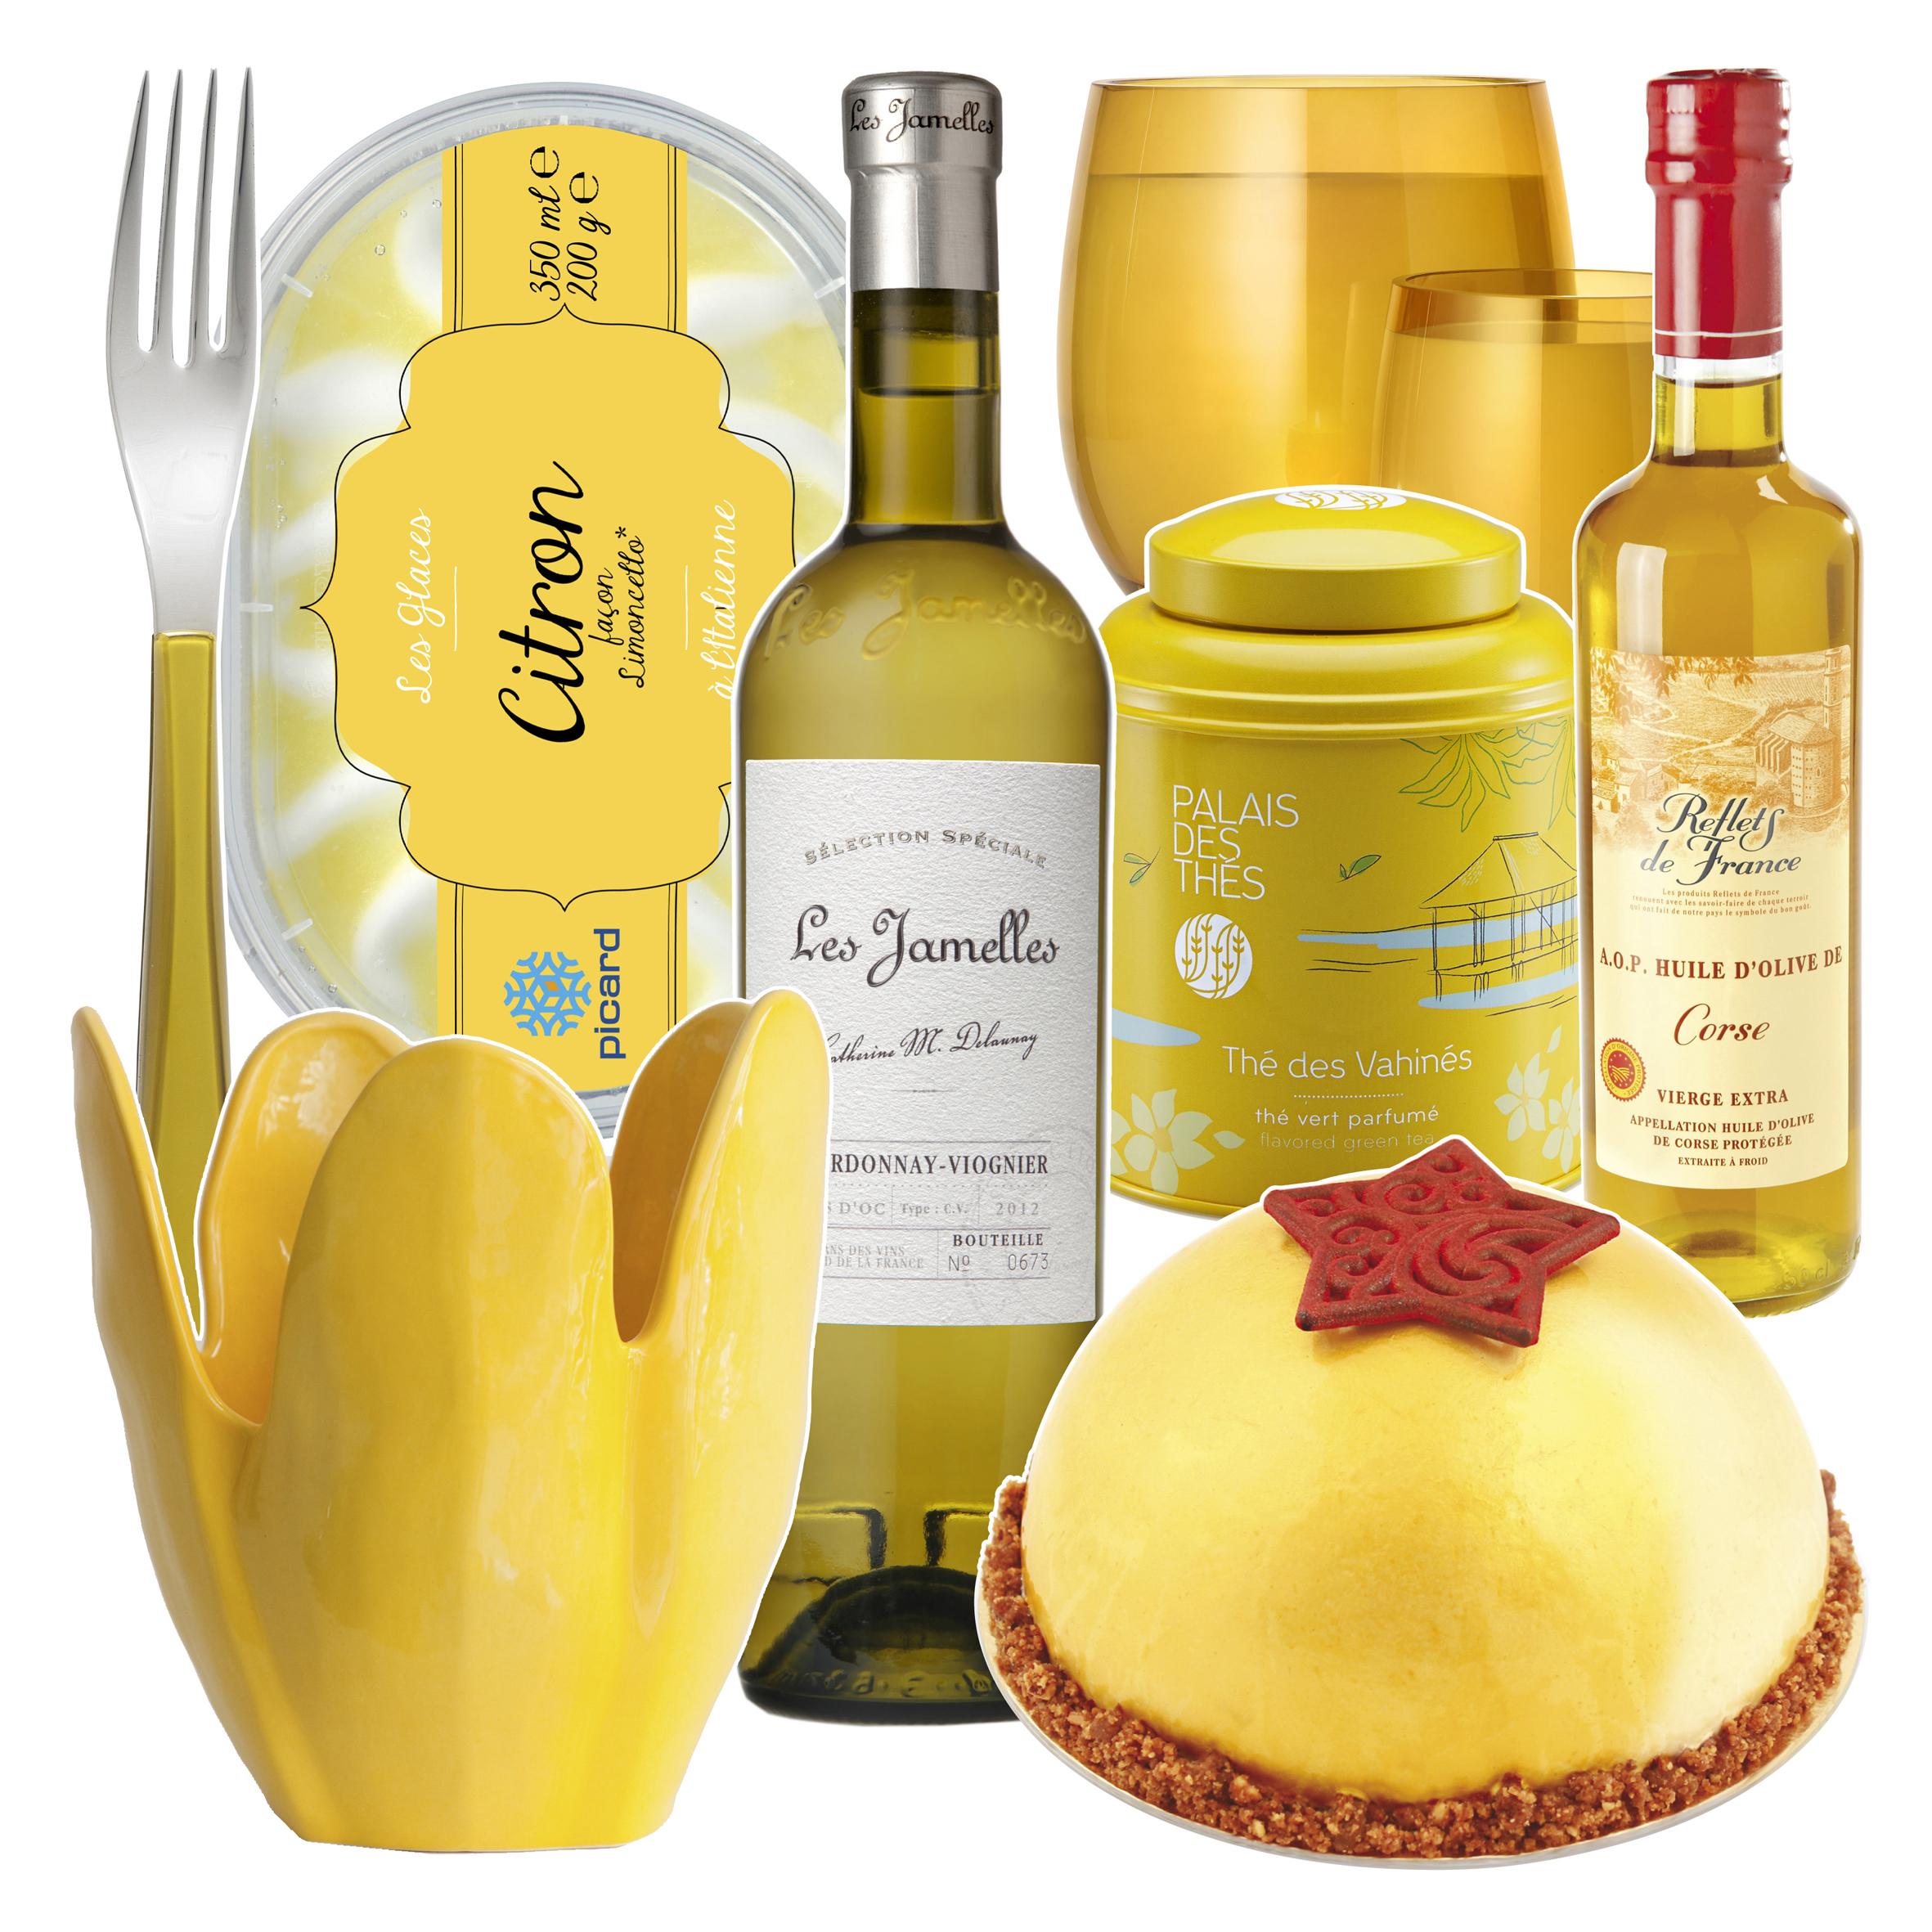 deco_arts_table_gastronomie_vert_bleu_violet_jaune-3 2